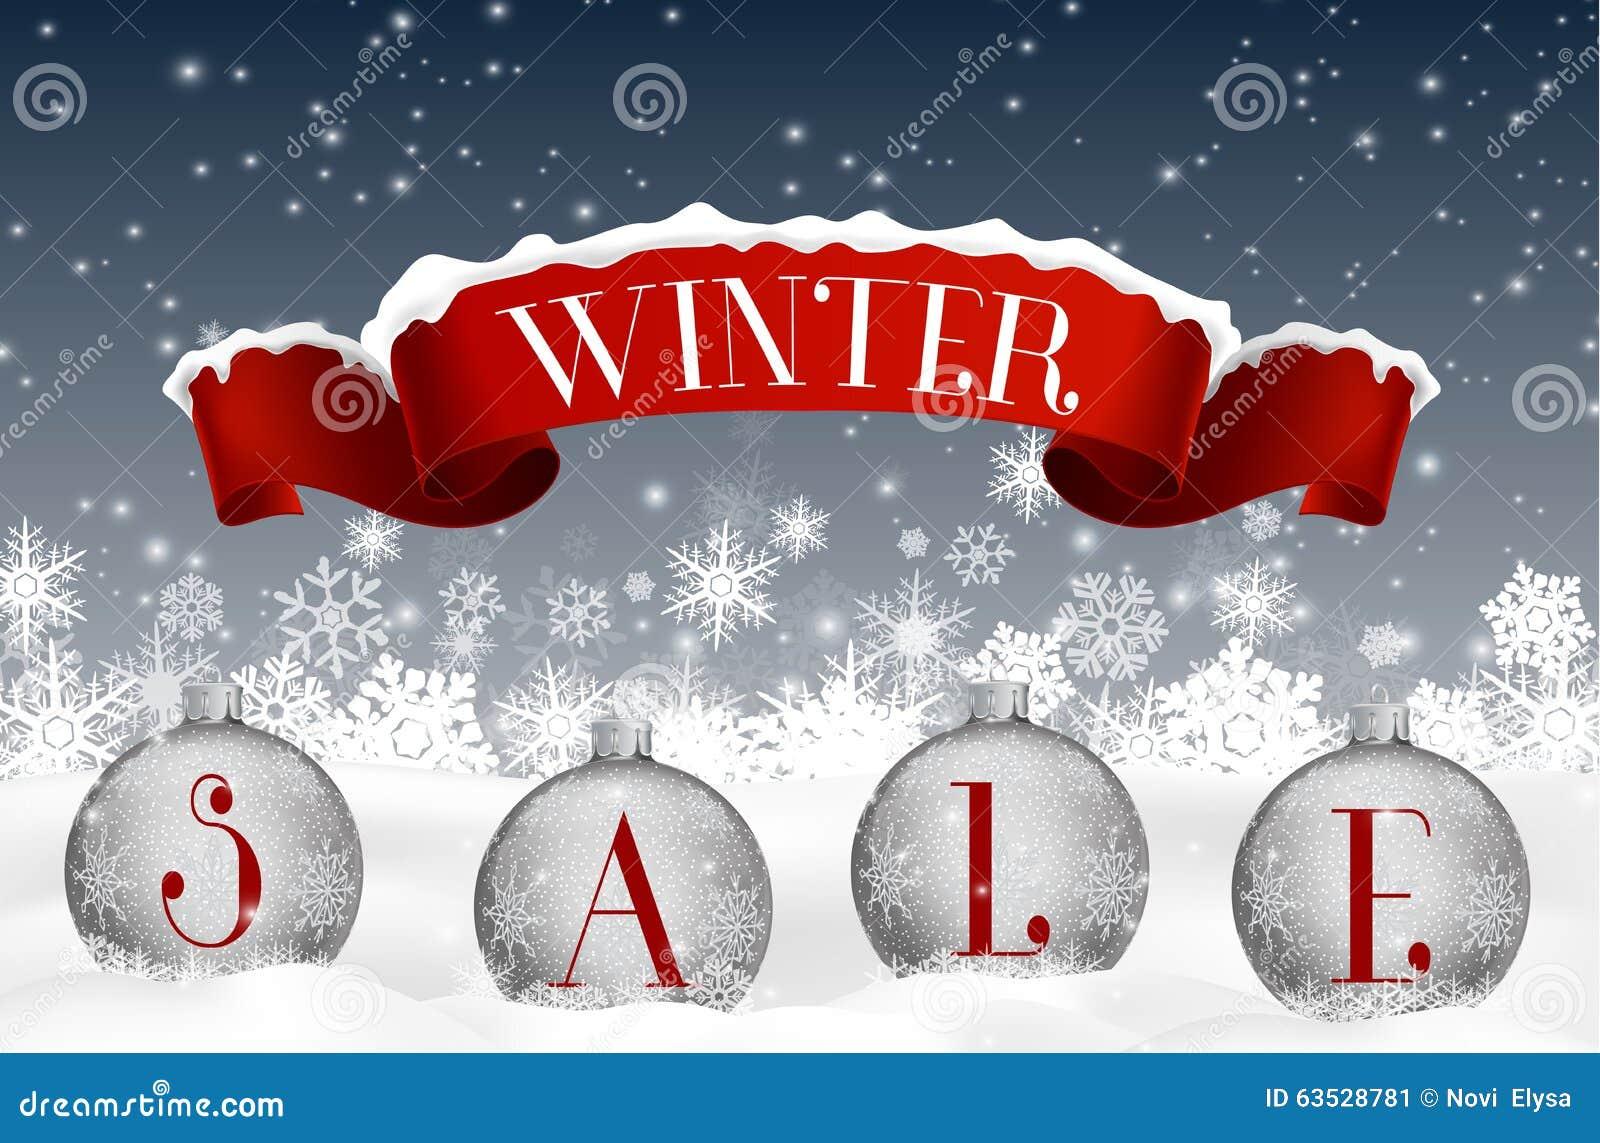 Zimy sprzedaży tło z czerwonym realistycznym tasiemkowym sztandarem i piłkami